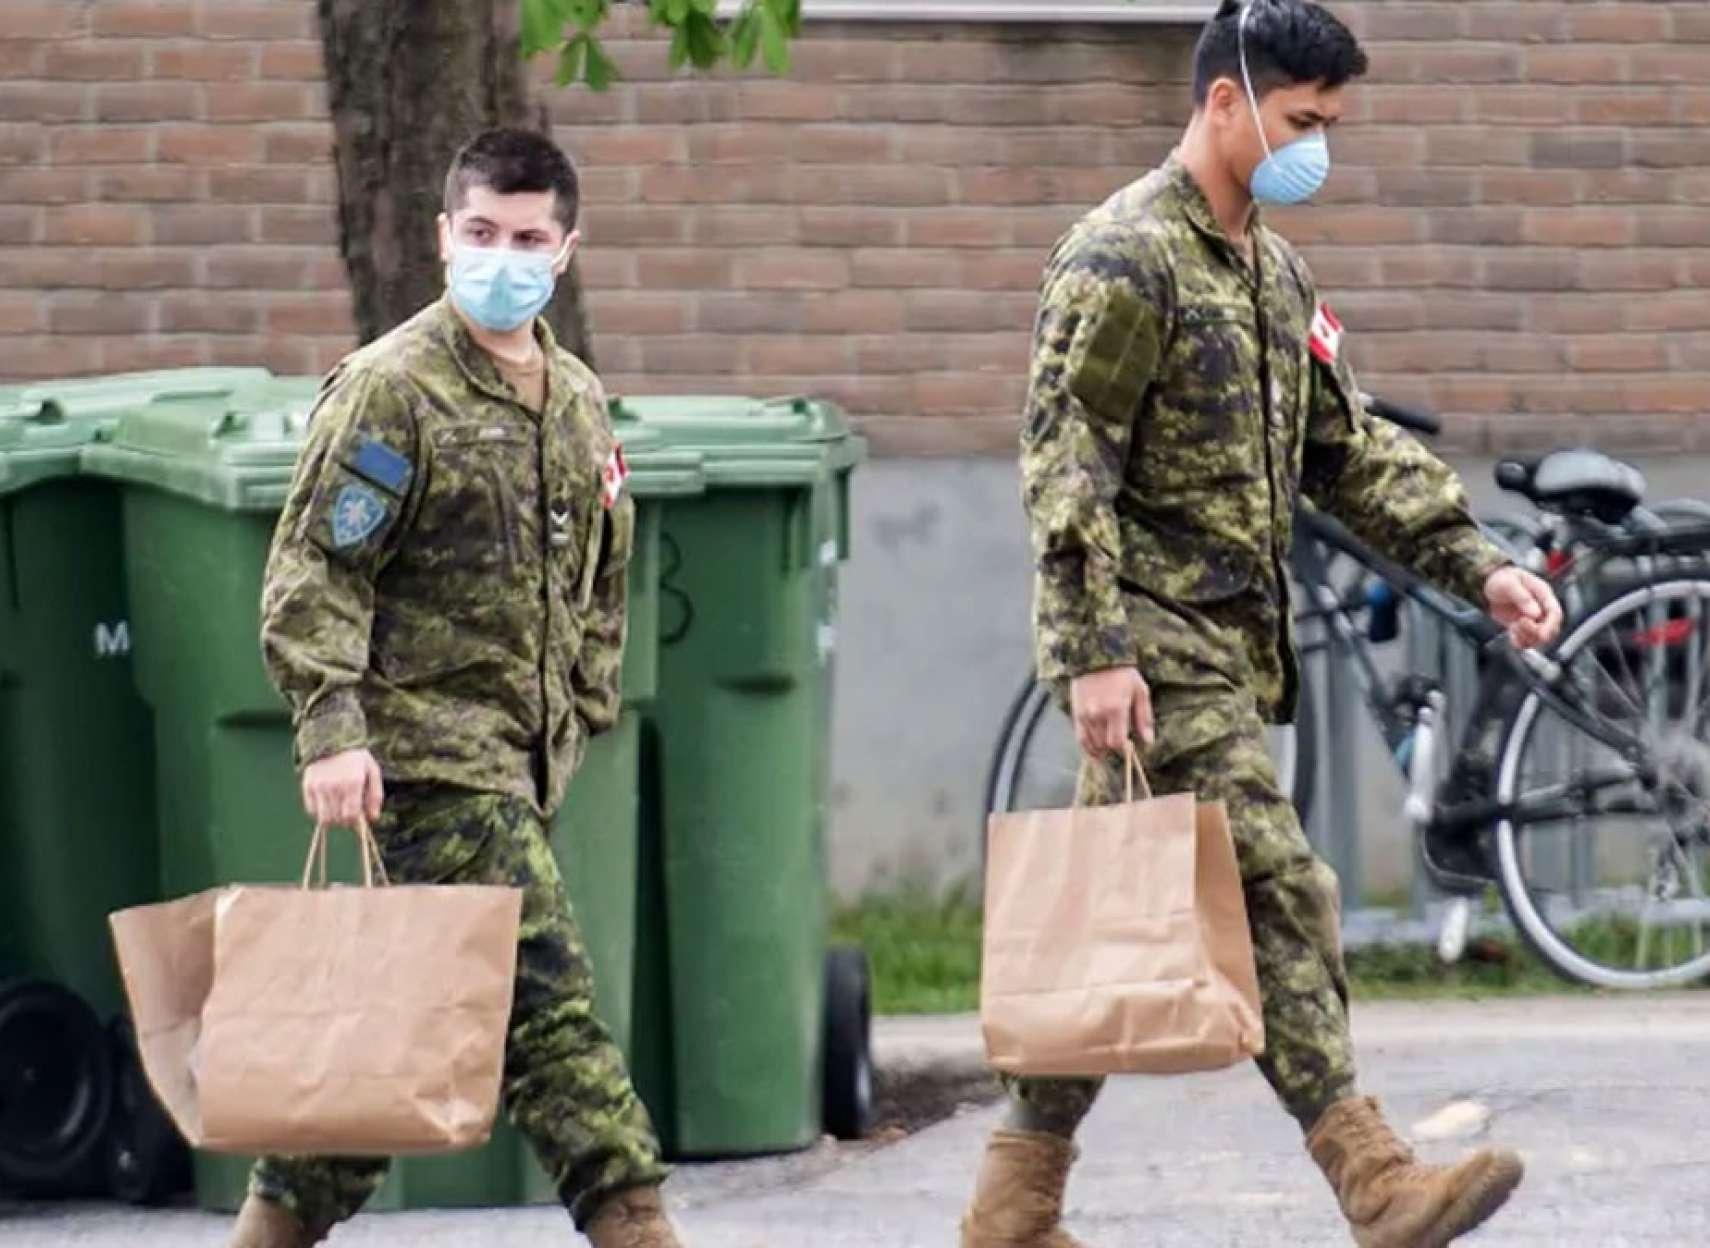 اخبار-کانادا-گزارش-هولناک-ارتش-از-شرایط-و-سوء-استفاده-در-خانه-های-سالمندان-انتاریو